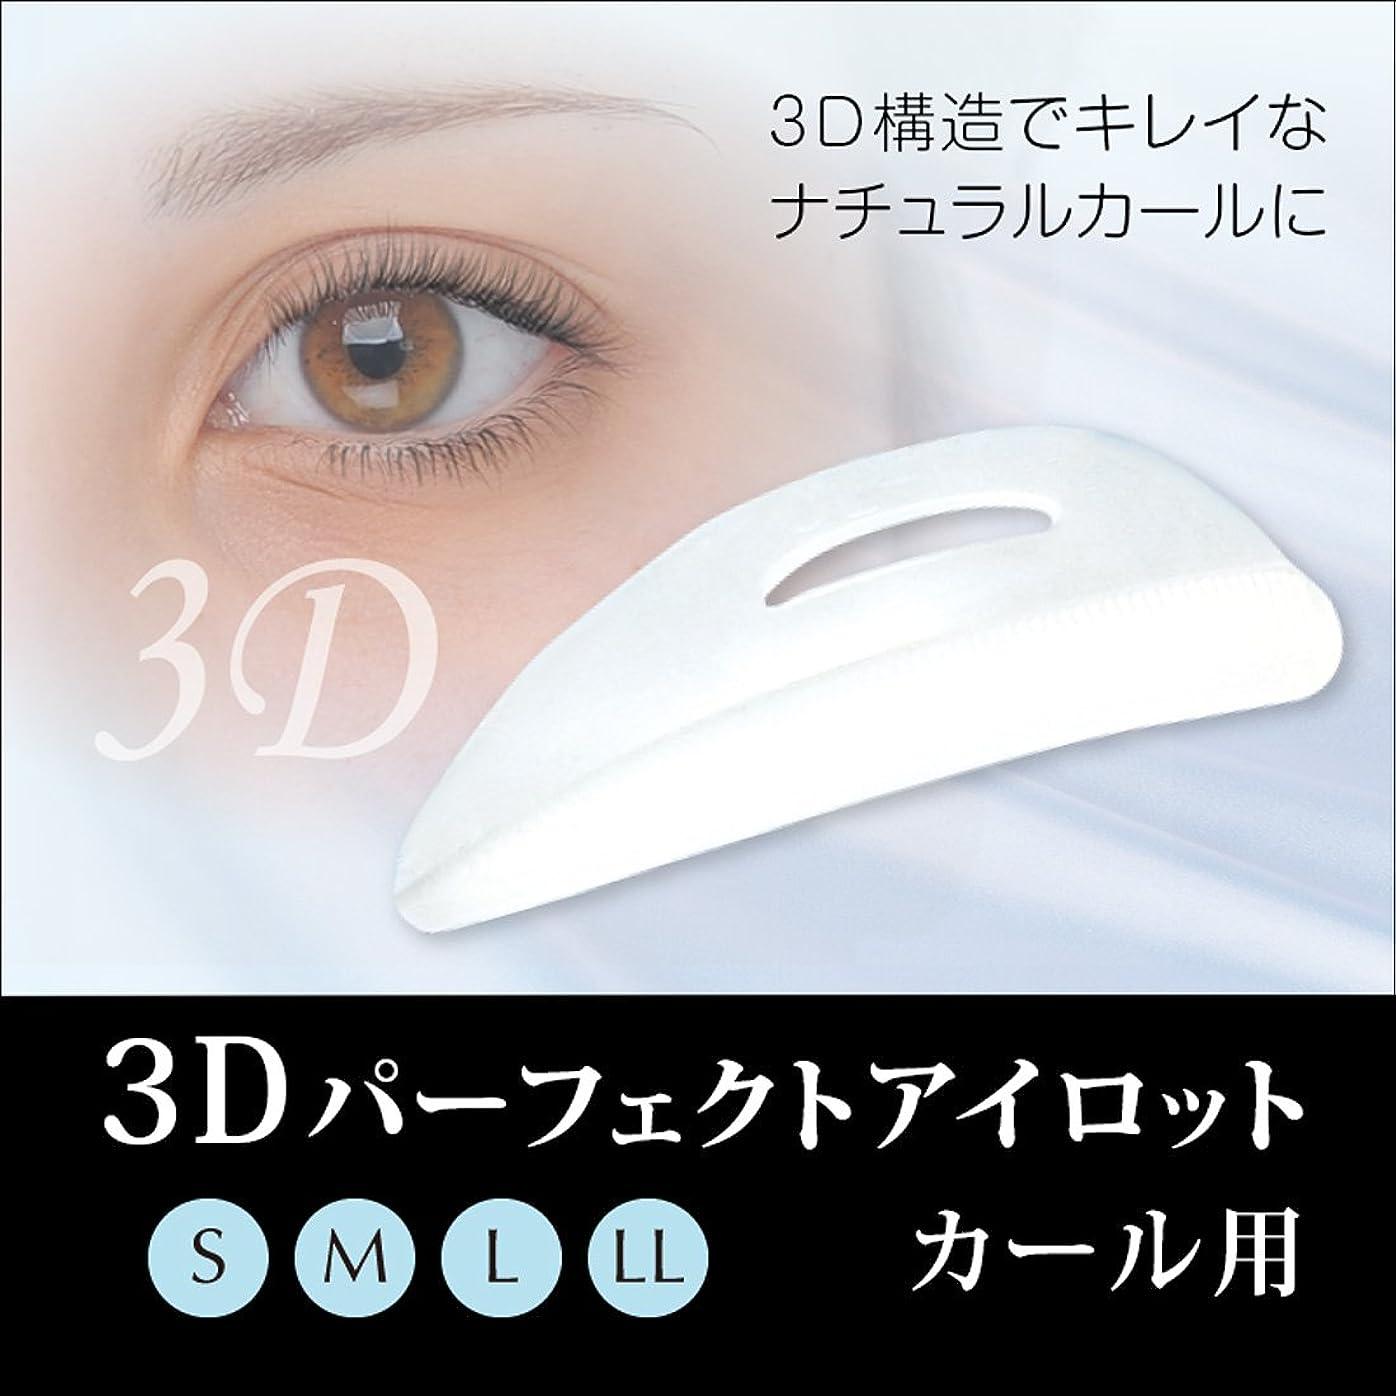 馬力顕微鏡社会学3Dパーフェクトアイロット カール用 (LL)